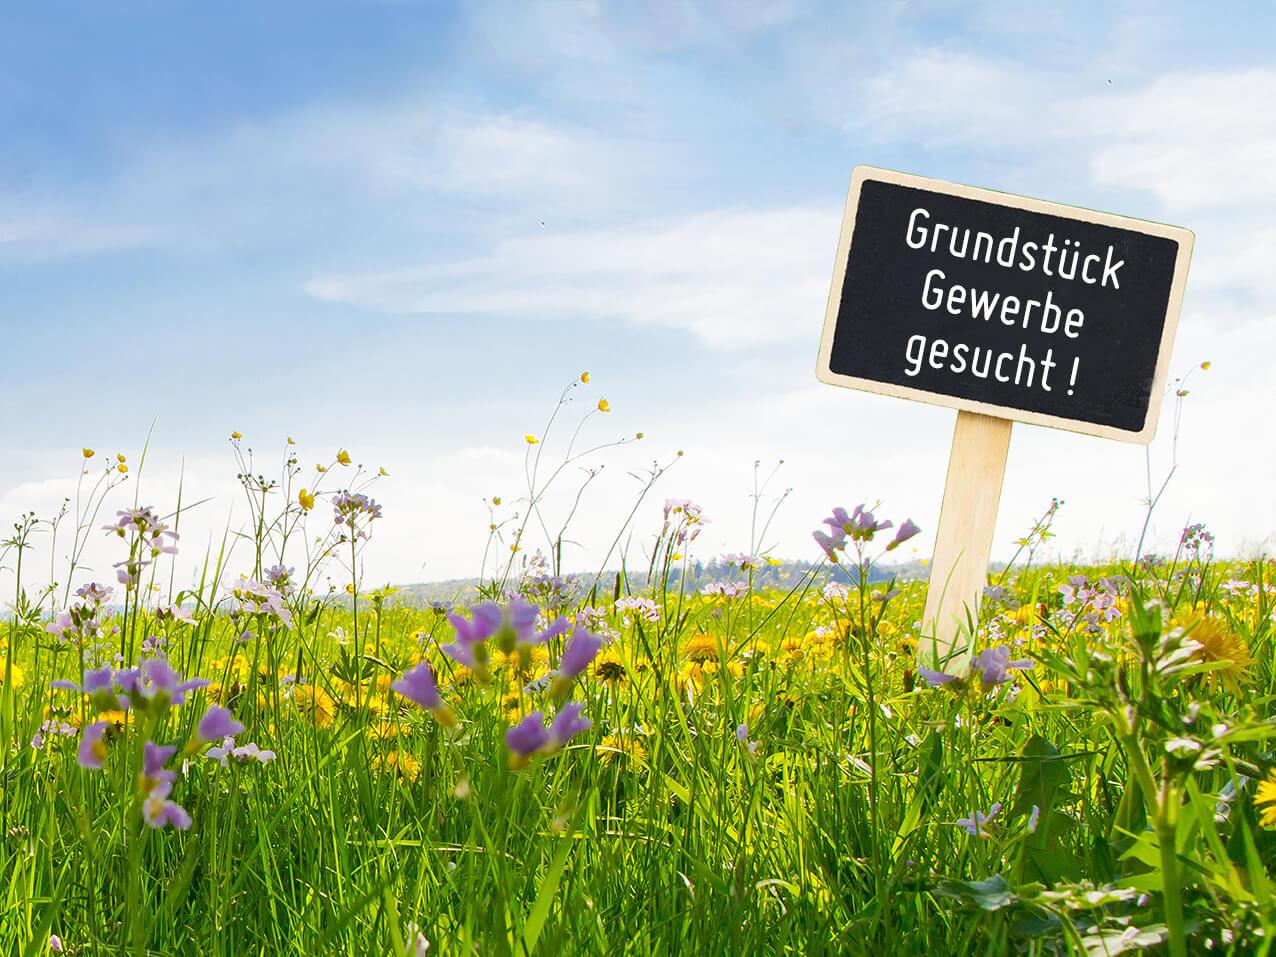 Suchen-Grundstueck-Gewerbepark-Bauland-Gewerbe-kauf-Pacht-Dresden-Umgebung